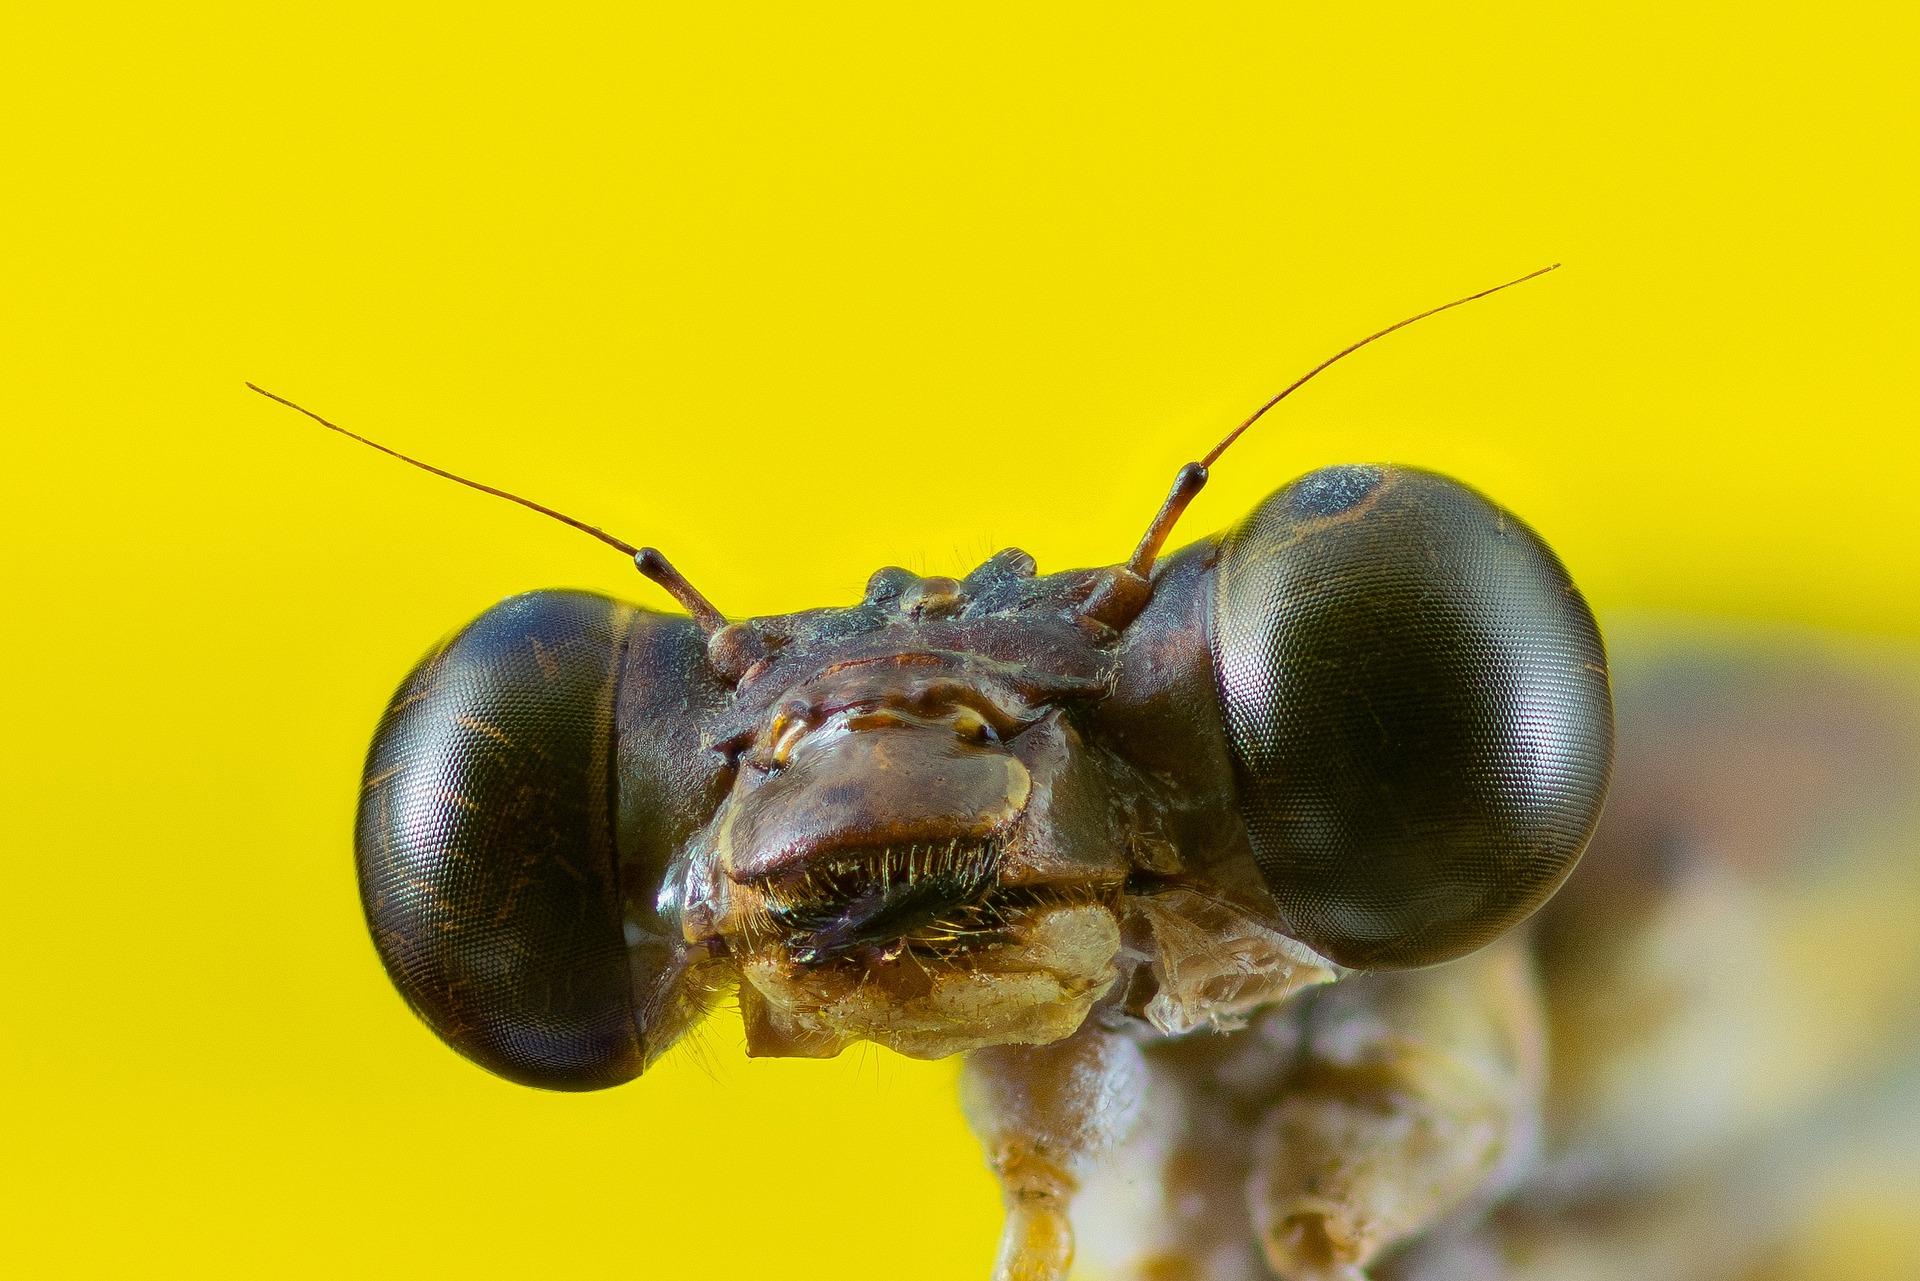 Ein Facettenauge von Libellen setzt sich aus 30.000 Augen zusammen. Foto: Pixabay/Josch13